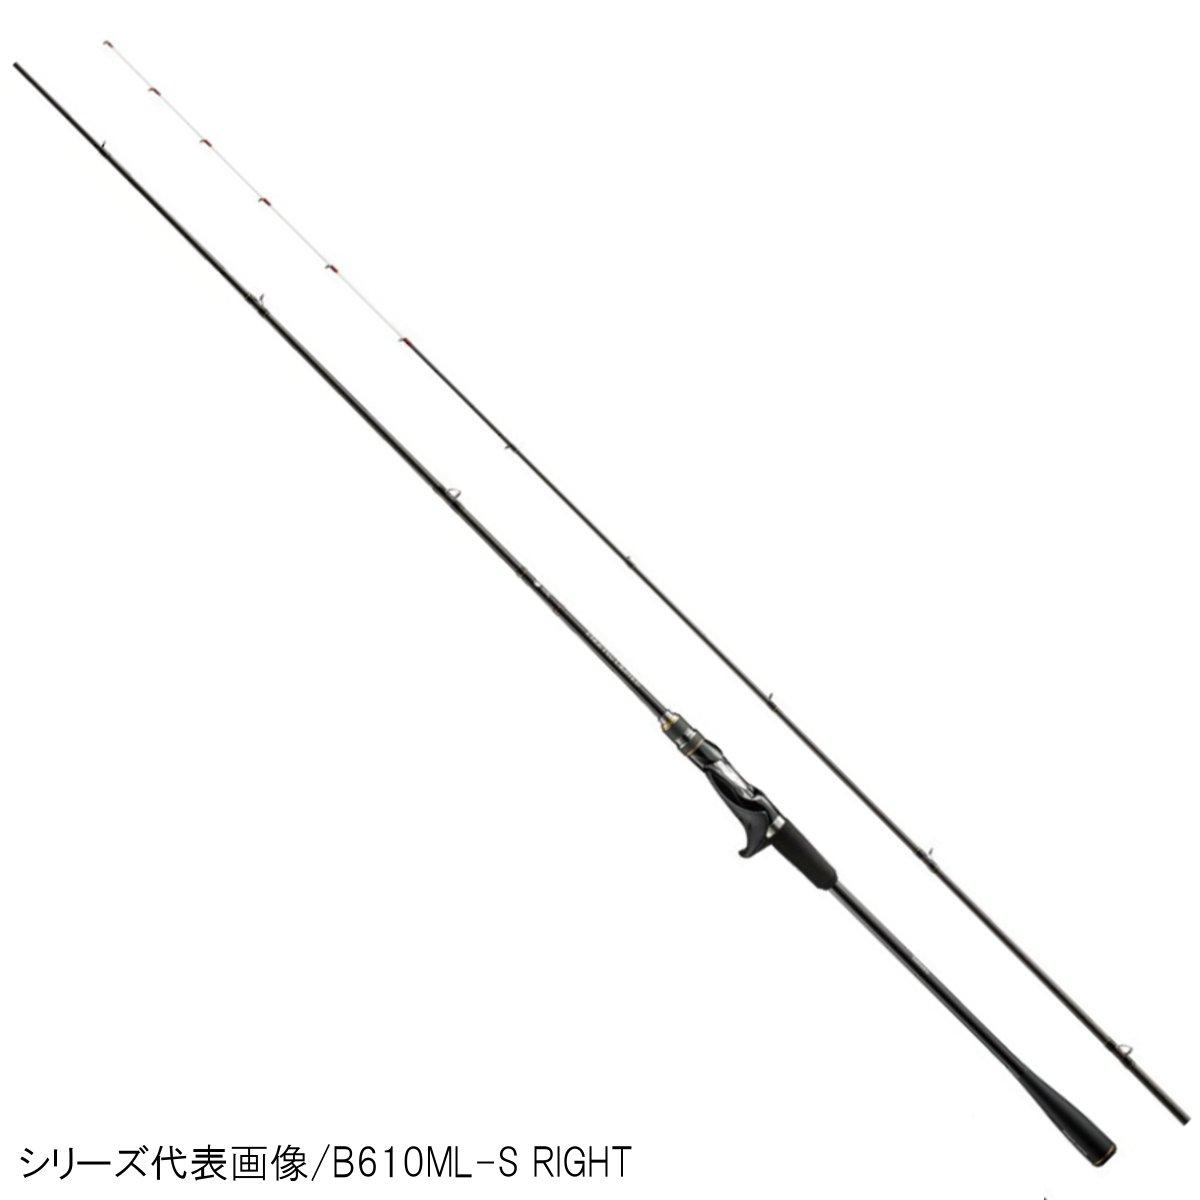 シマノ 炎月 リミテッド B610ML-S LEFT【大型商品】(東日本店)